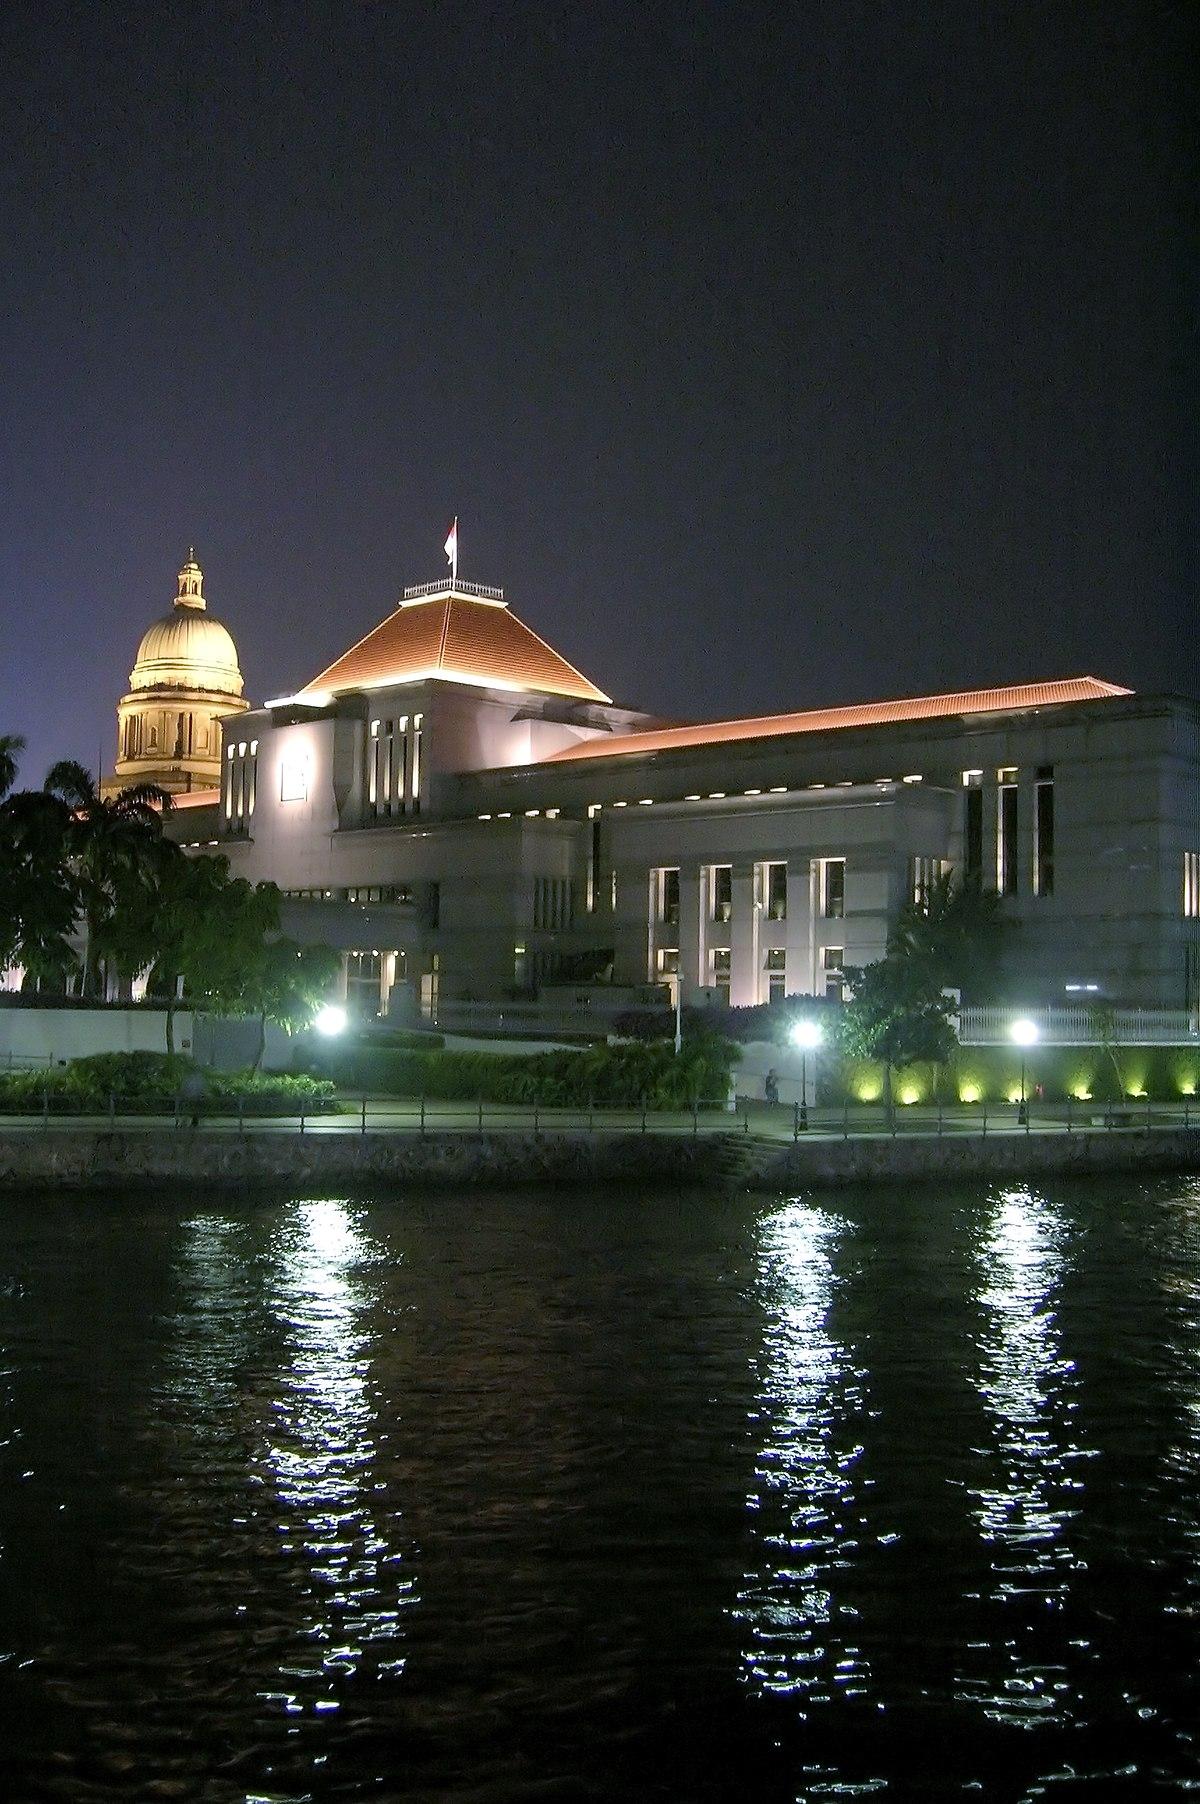 Parlamento ng singapore wikipedia ang malayang ensiklopedya for Parlamento wikipedia